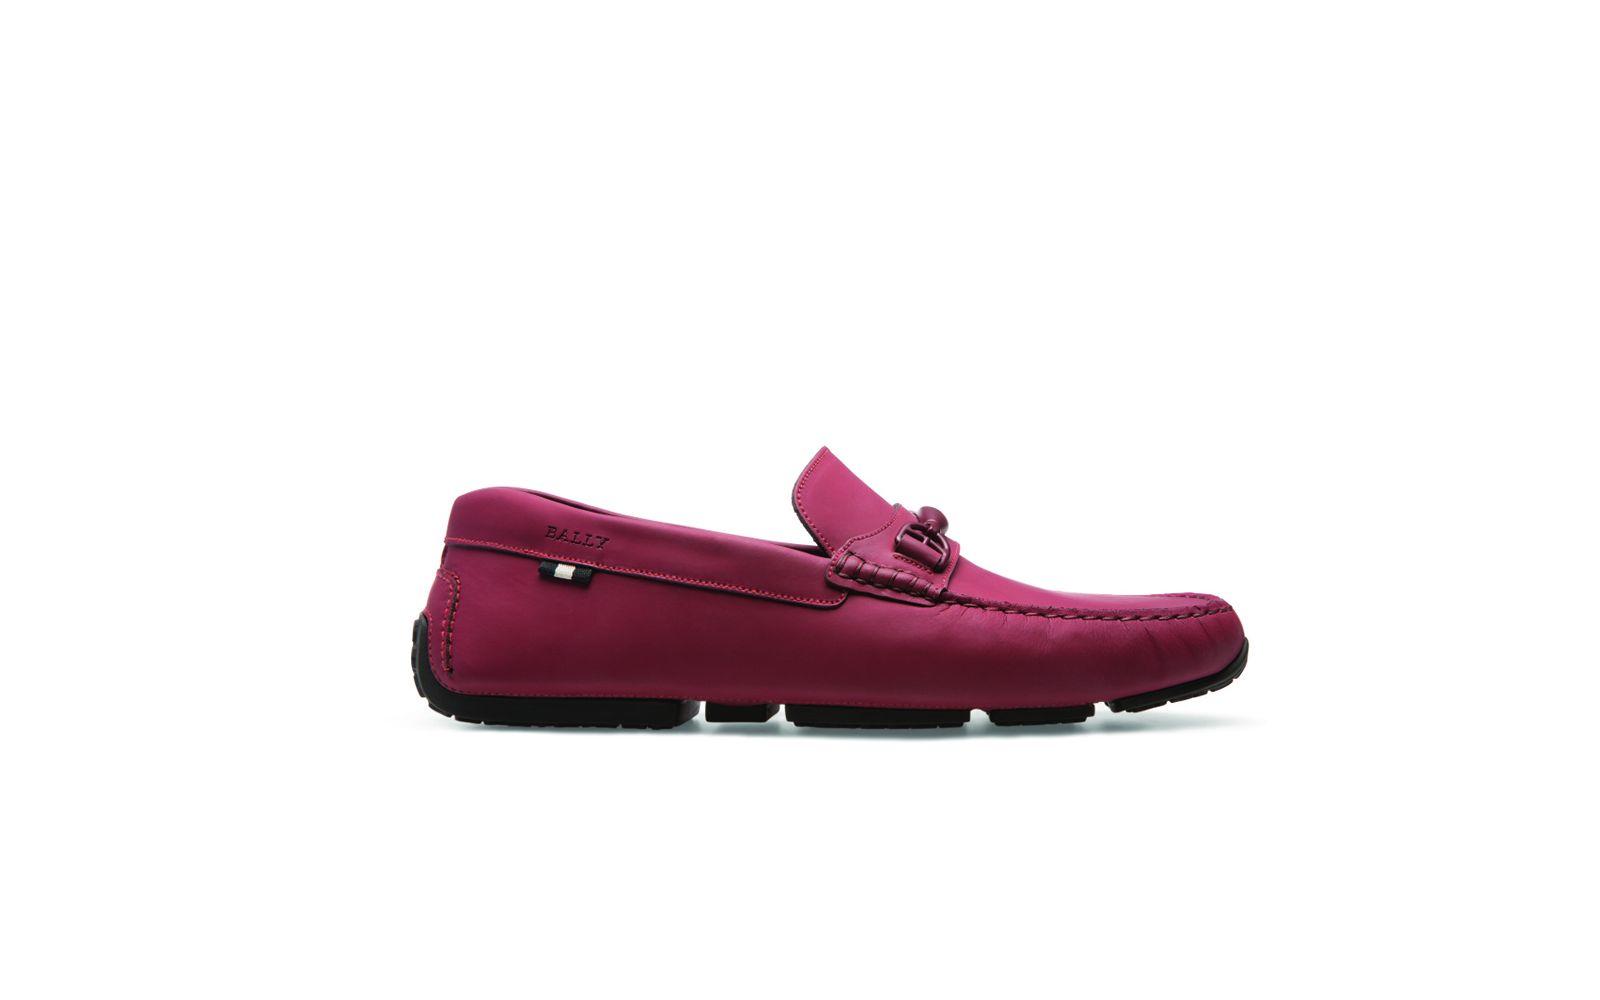 Bally Men's autumn/winter Pardue shoes (Photo: Courtesy of Bally)